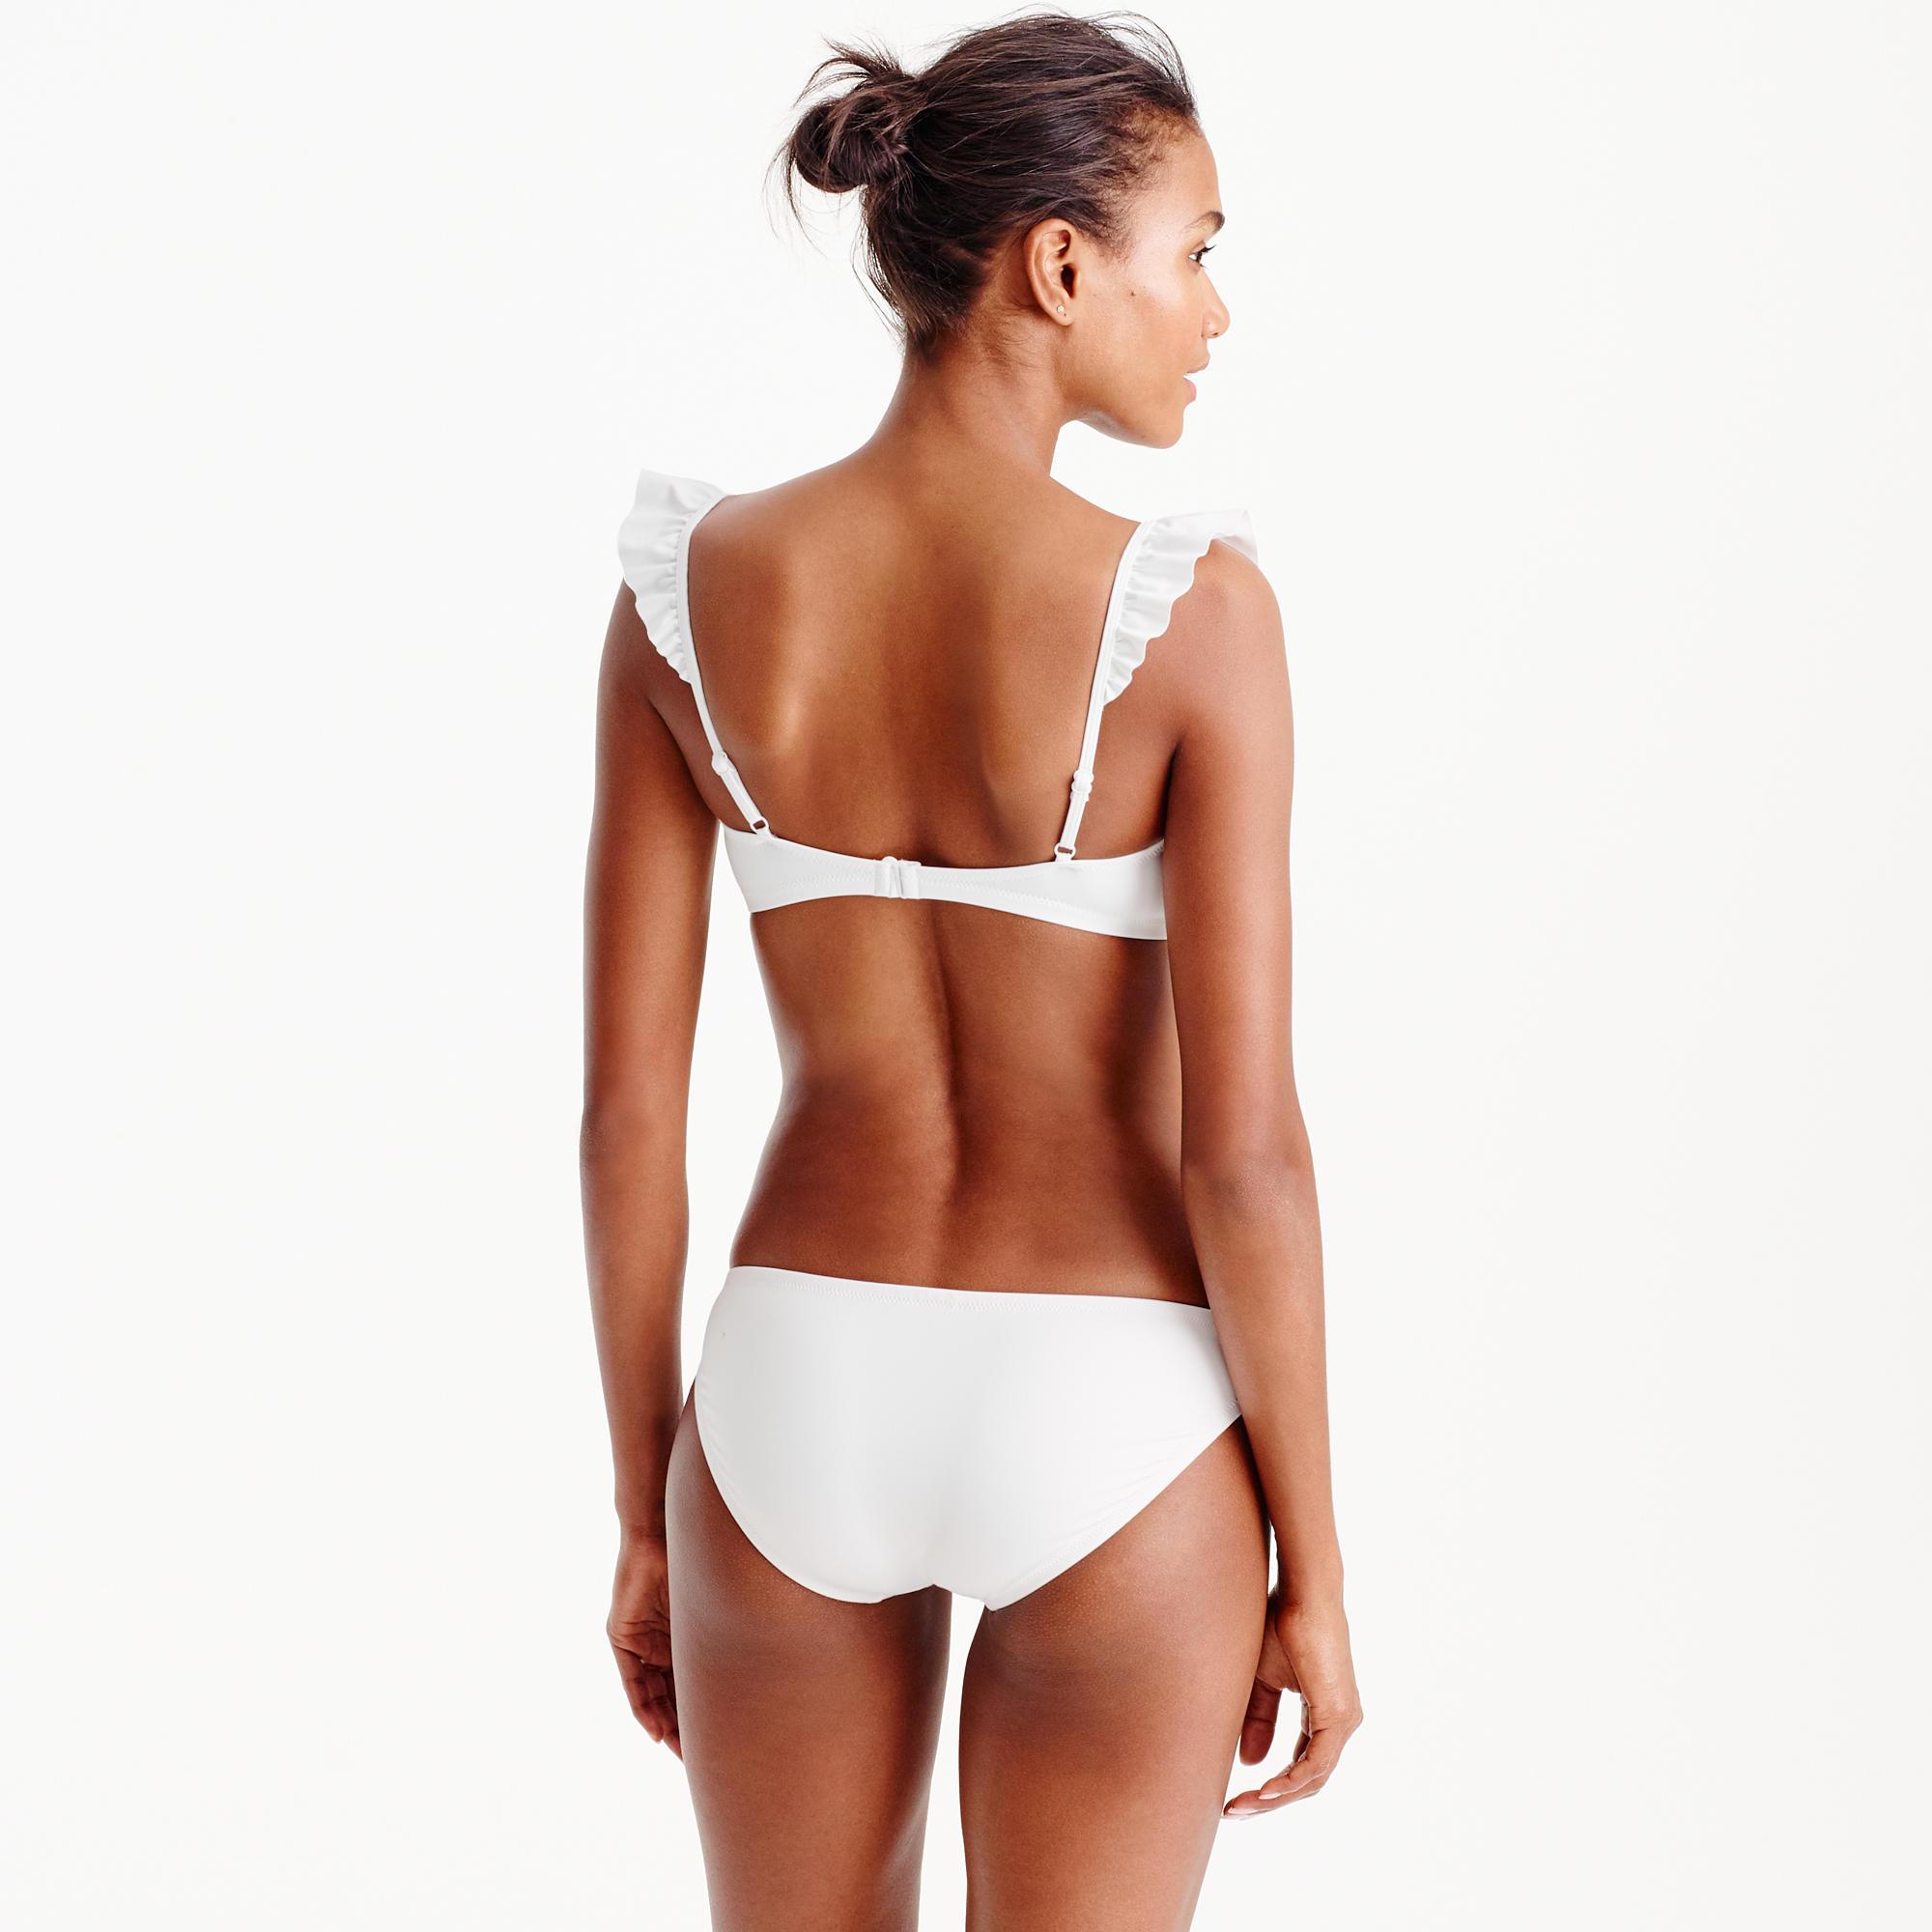 ... ruffle bikini top in italian matte ... mihpjtz